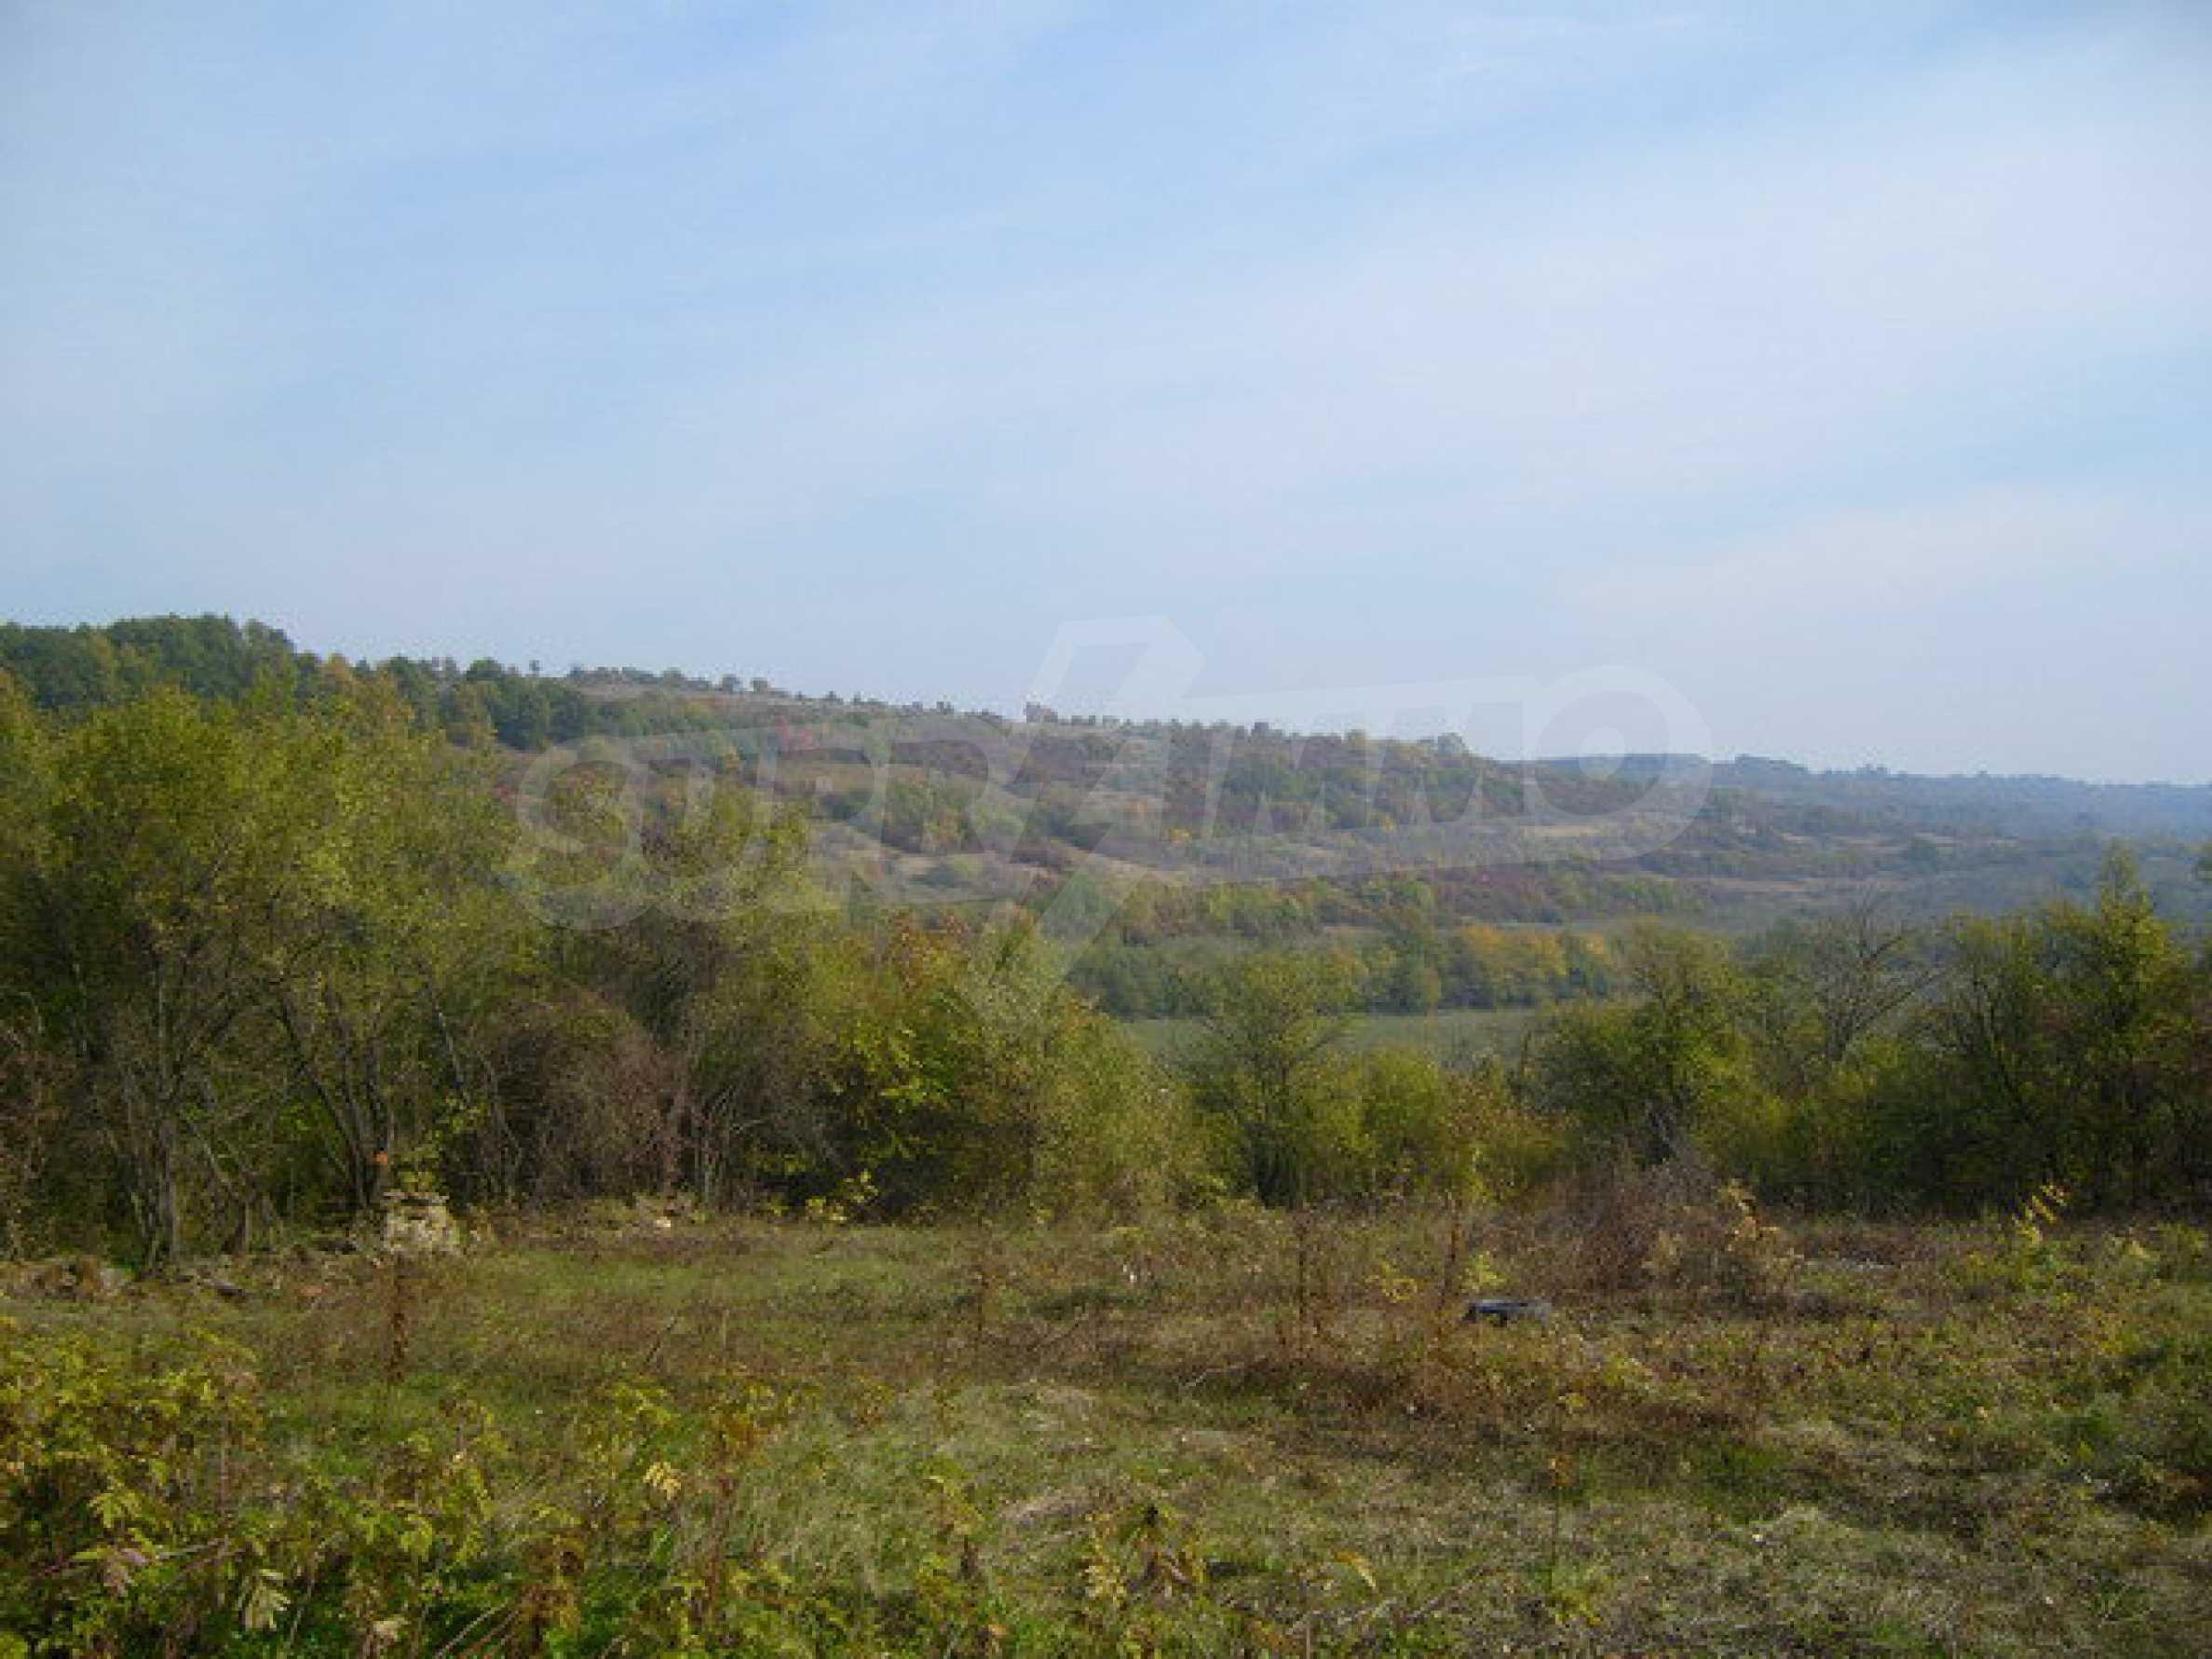 Земельный участок в деревне с красивым пейзажем 3